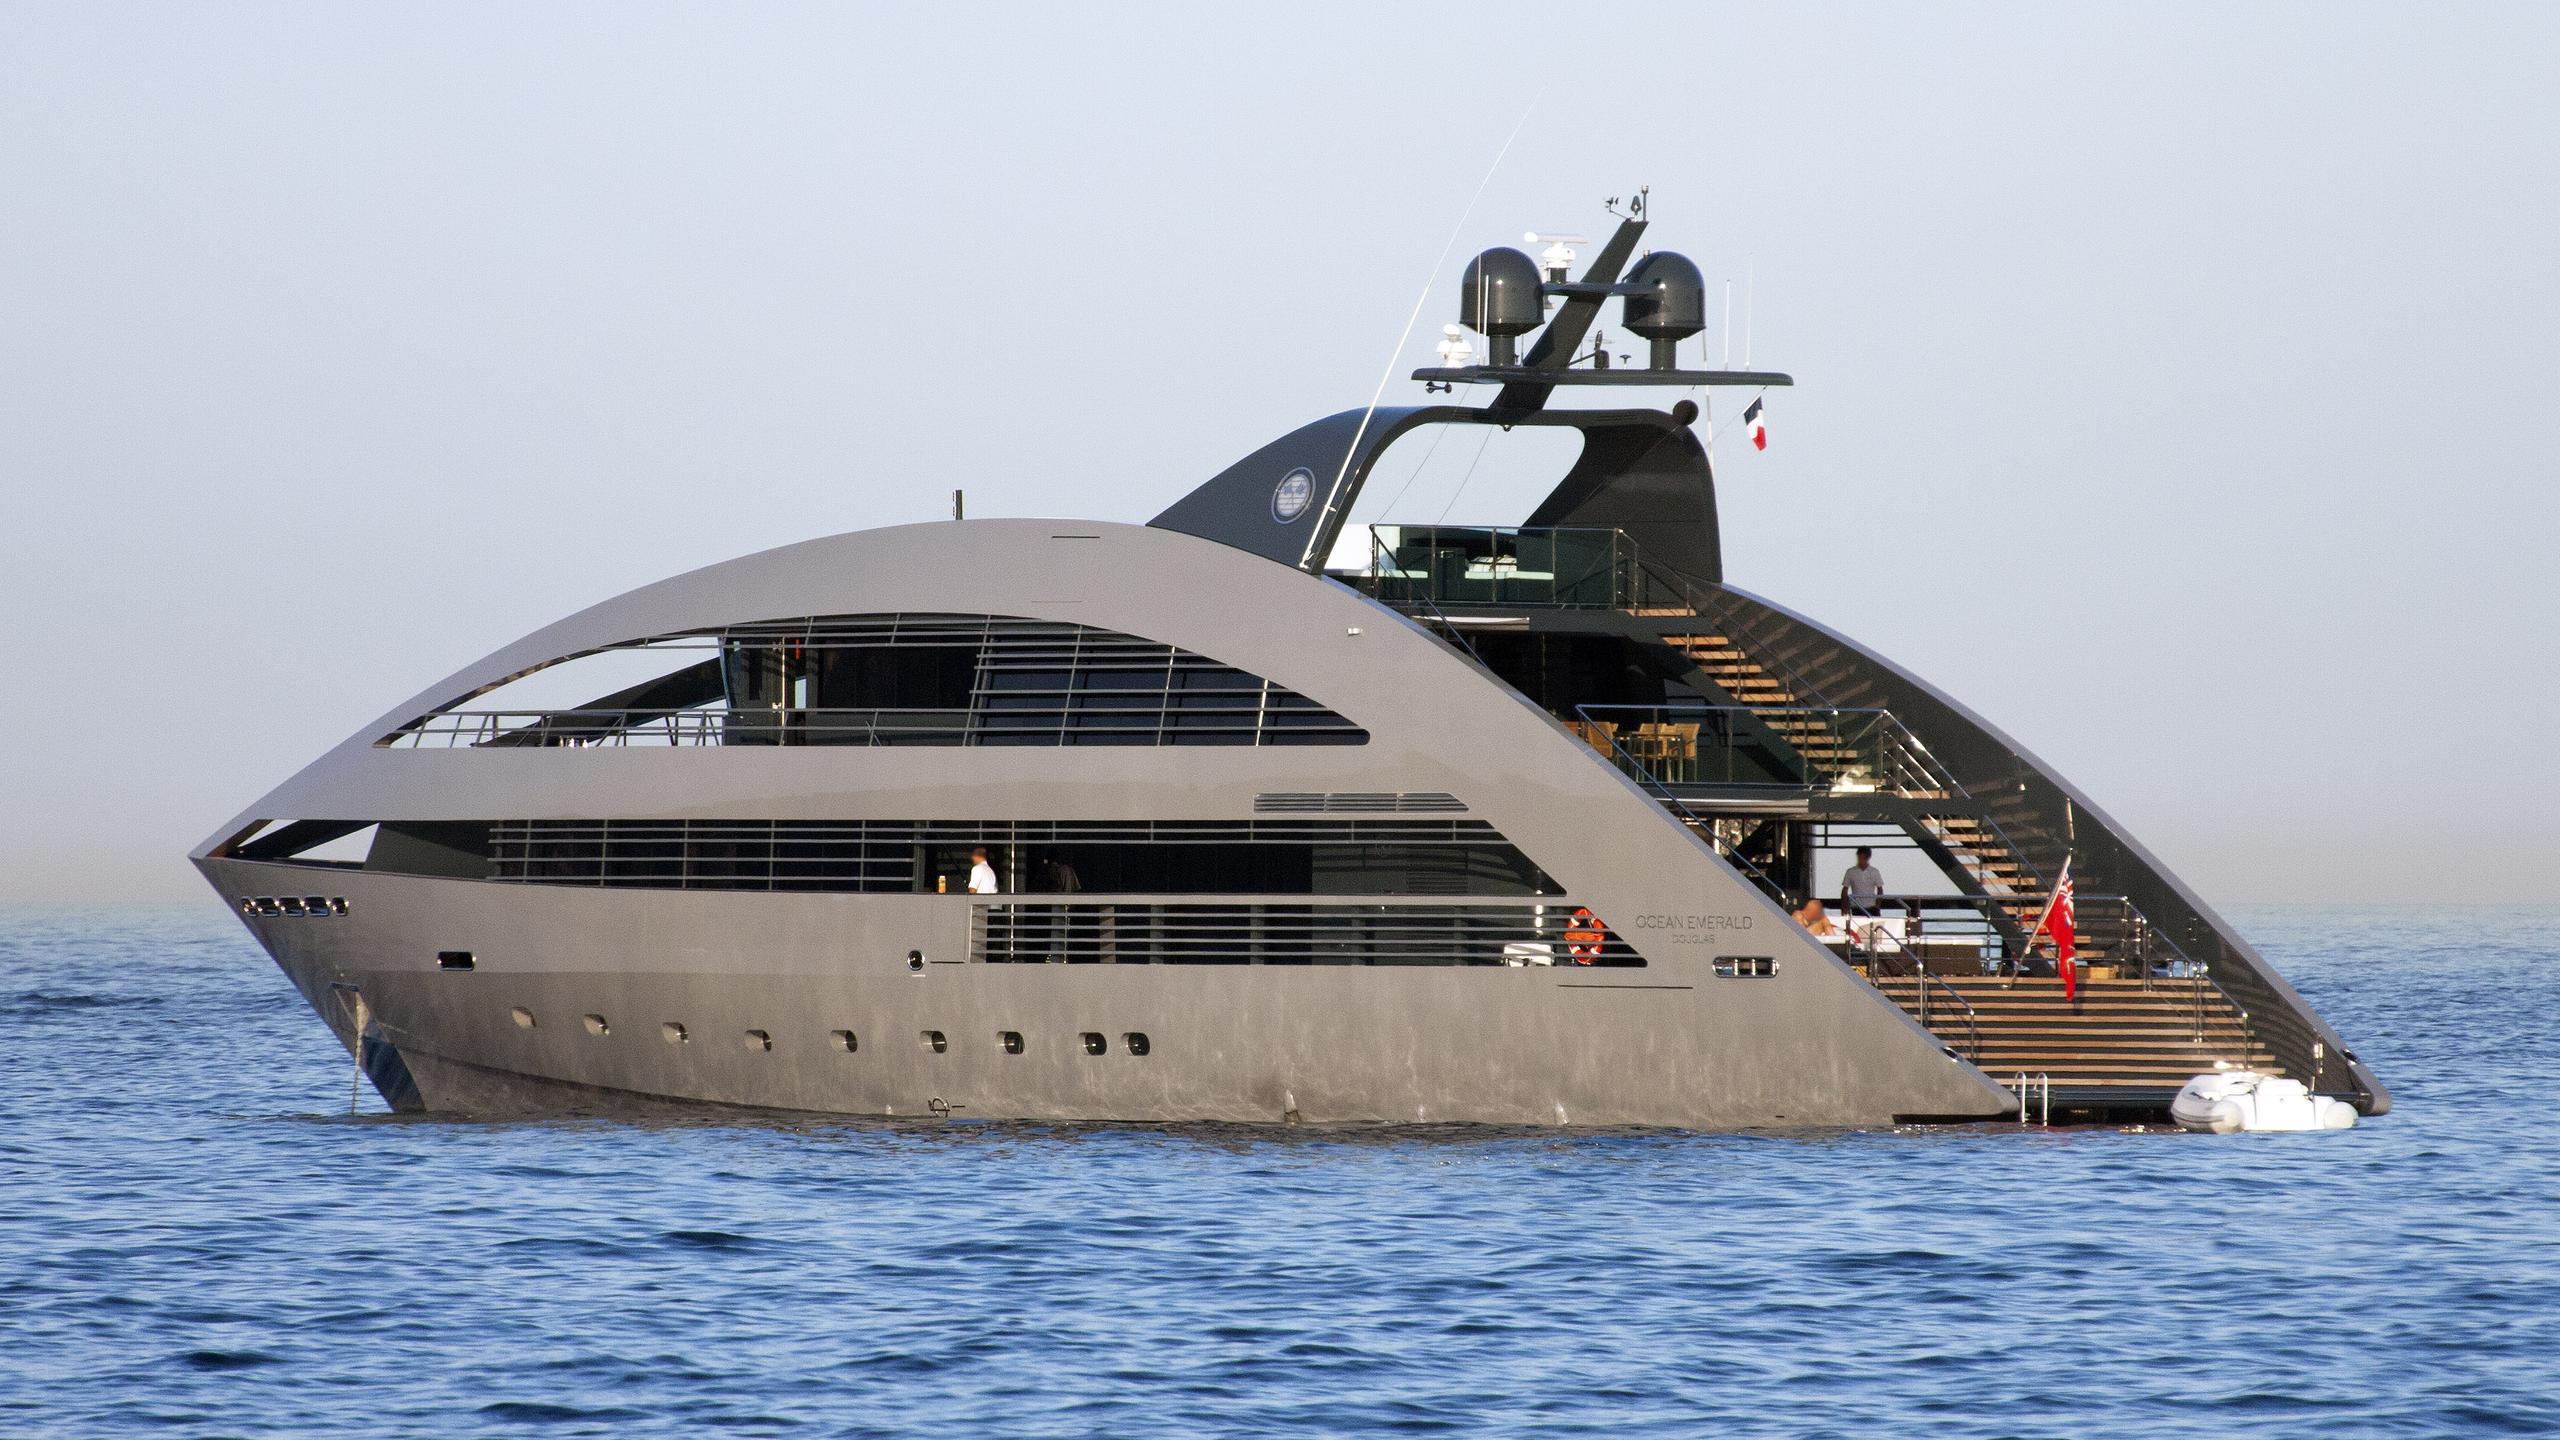 ocean-emerald-motor-yacht-rodriquez-signature-40-2009-41m-half-profile